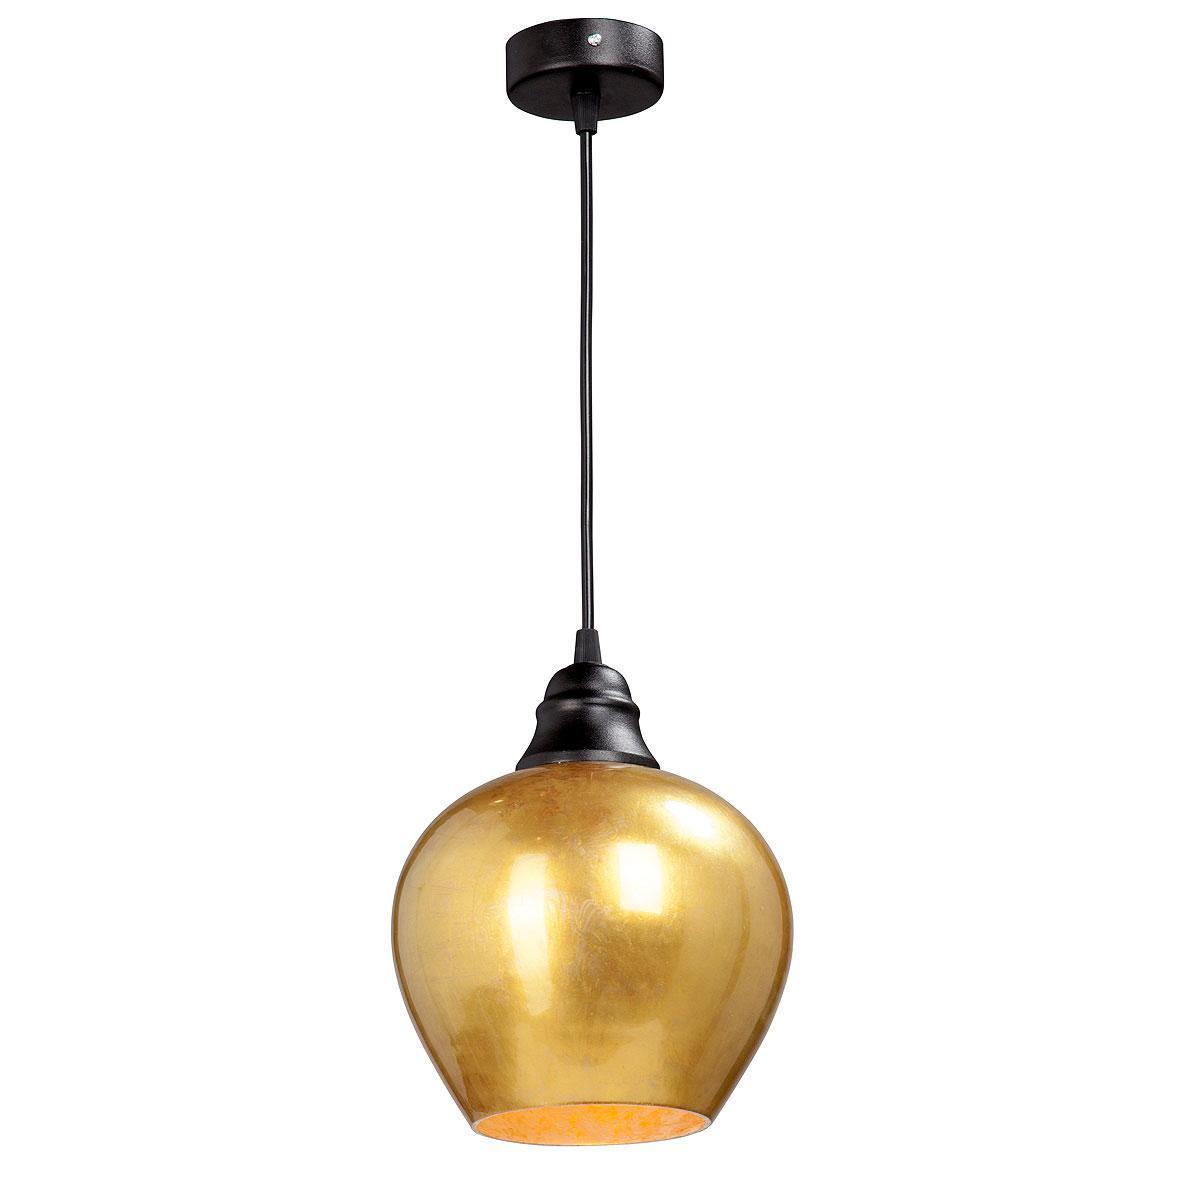 Подвесной светильник Vitaluce V4251-1/1S подвесной светильник vitaluce v4168 1 1s